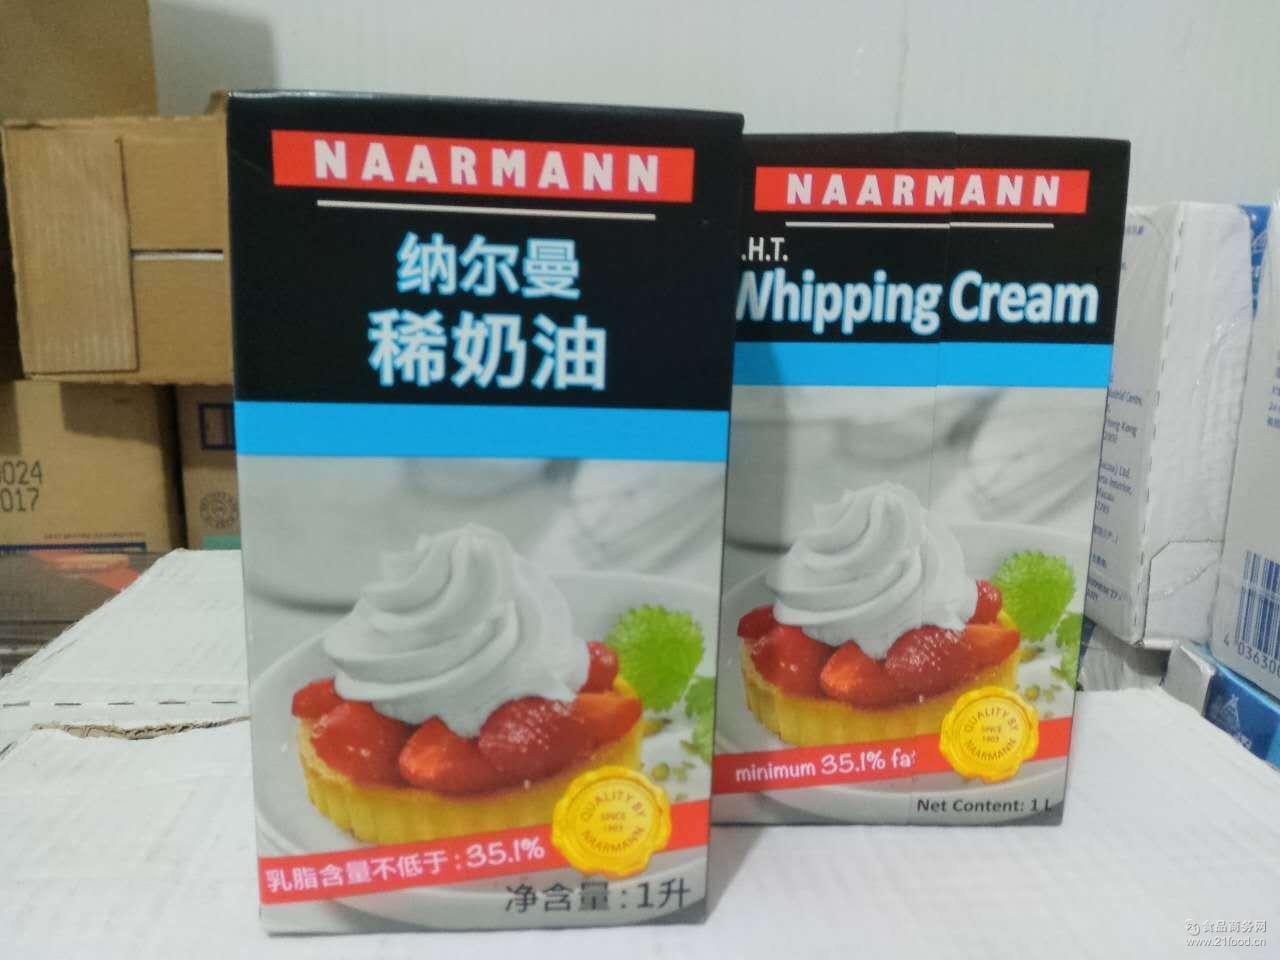 纳尔曼稀奶油 35.1%脂肪 纳尔曼淡奶油 烘焙裱花淡奶油1L*12瓶